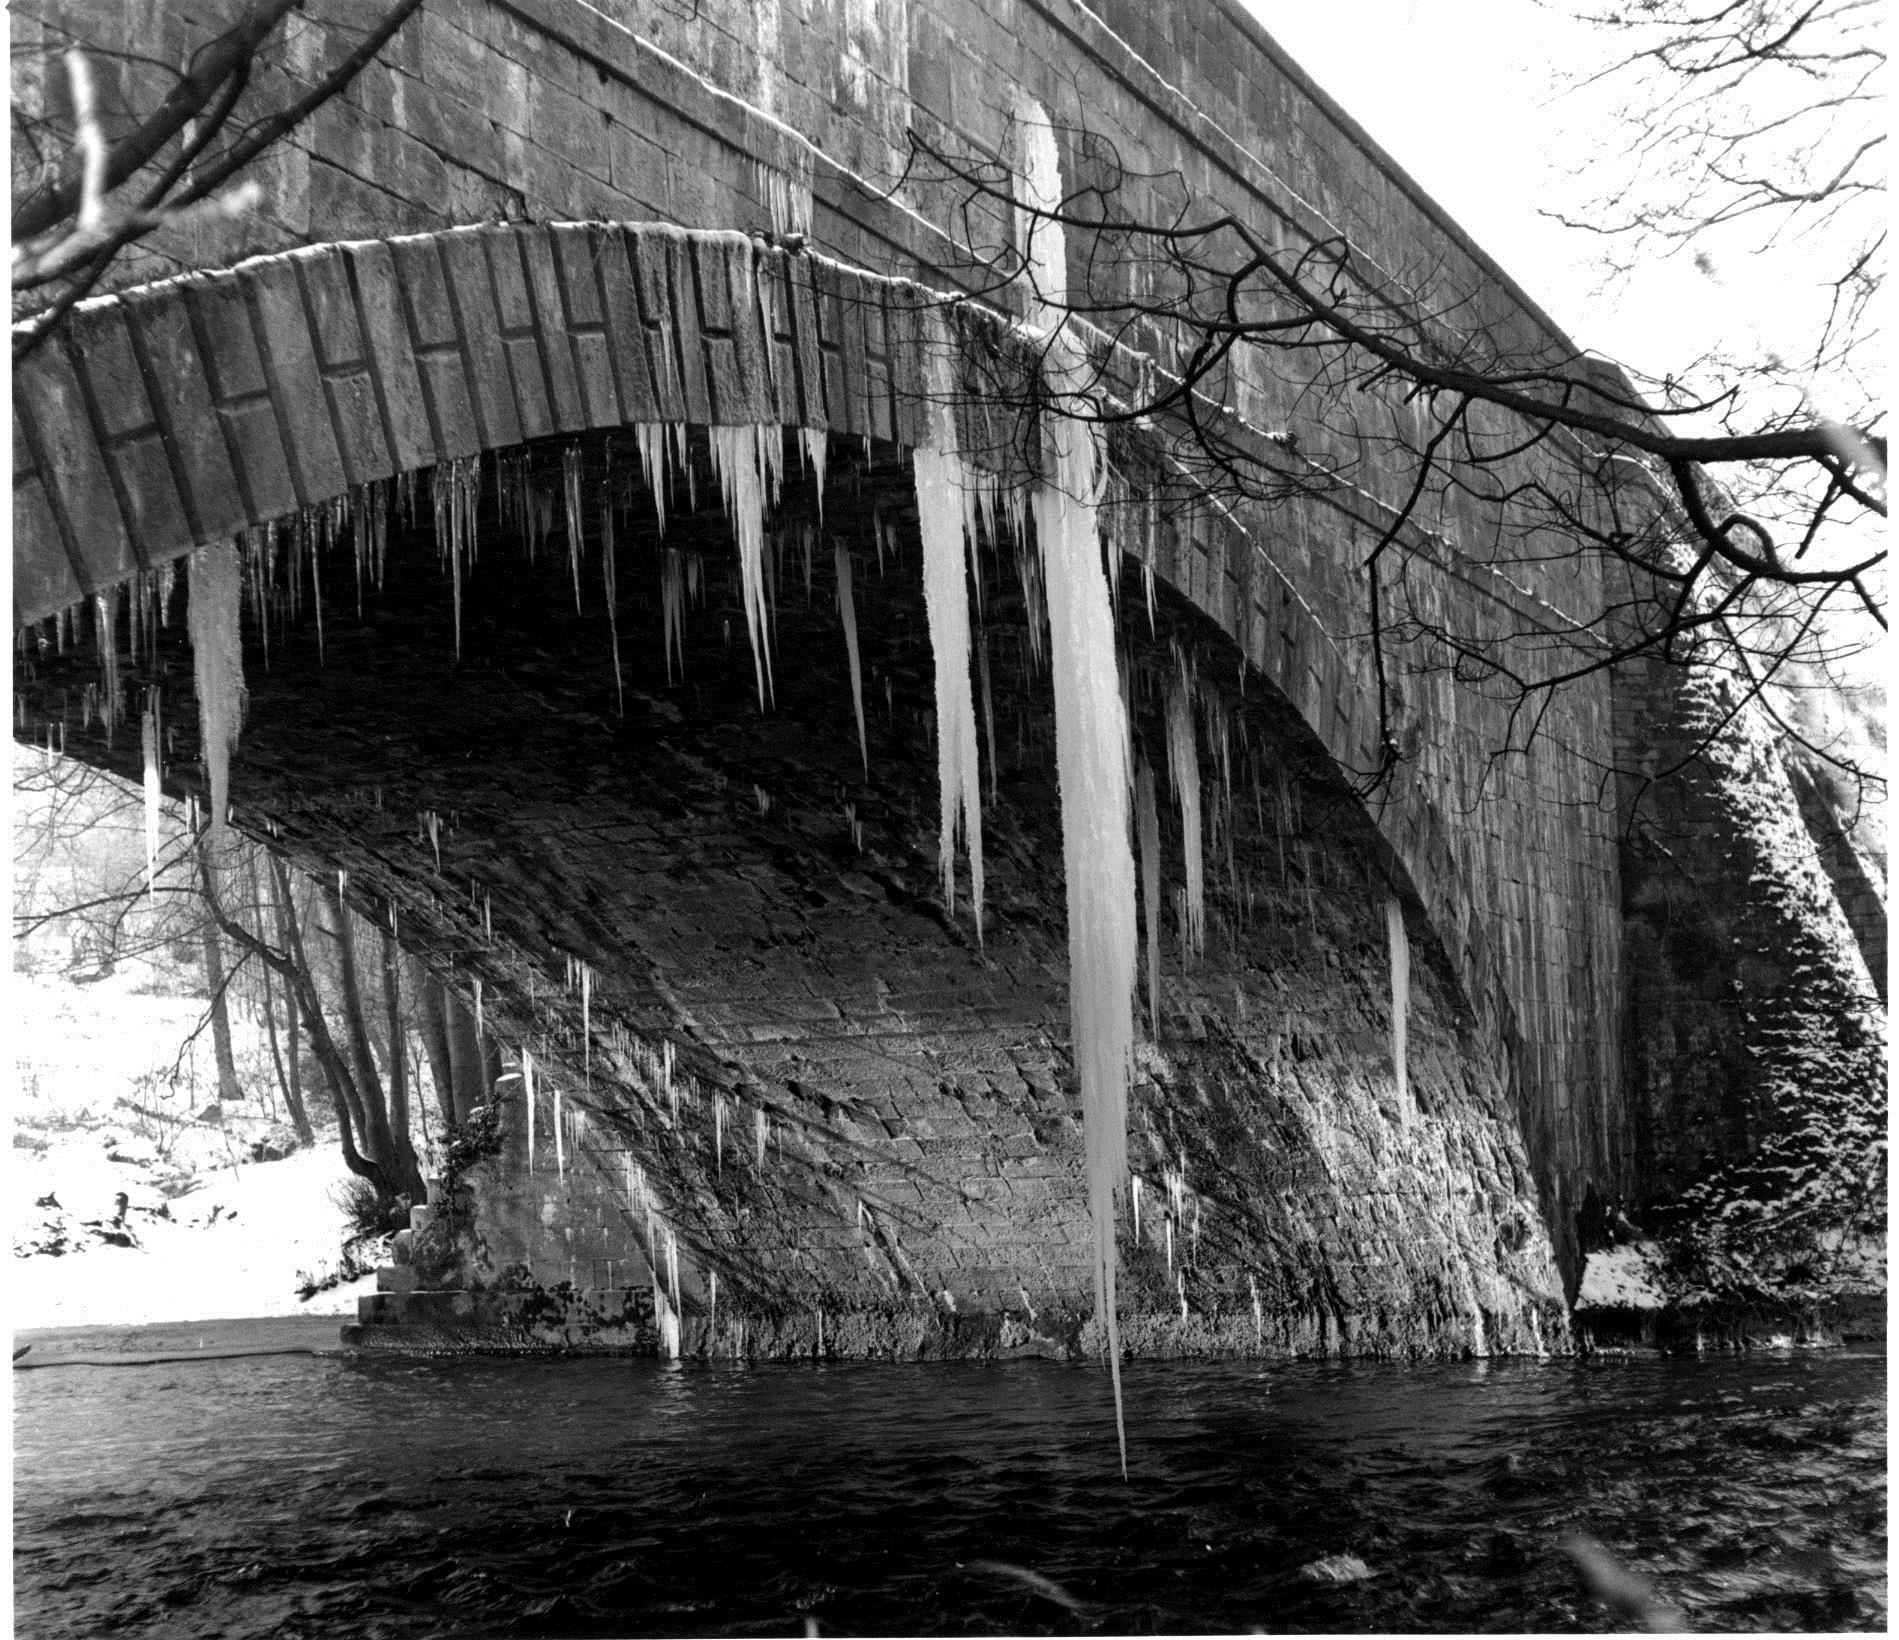 Derwent Valley Mills World Heritage Site